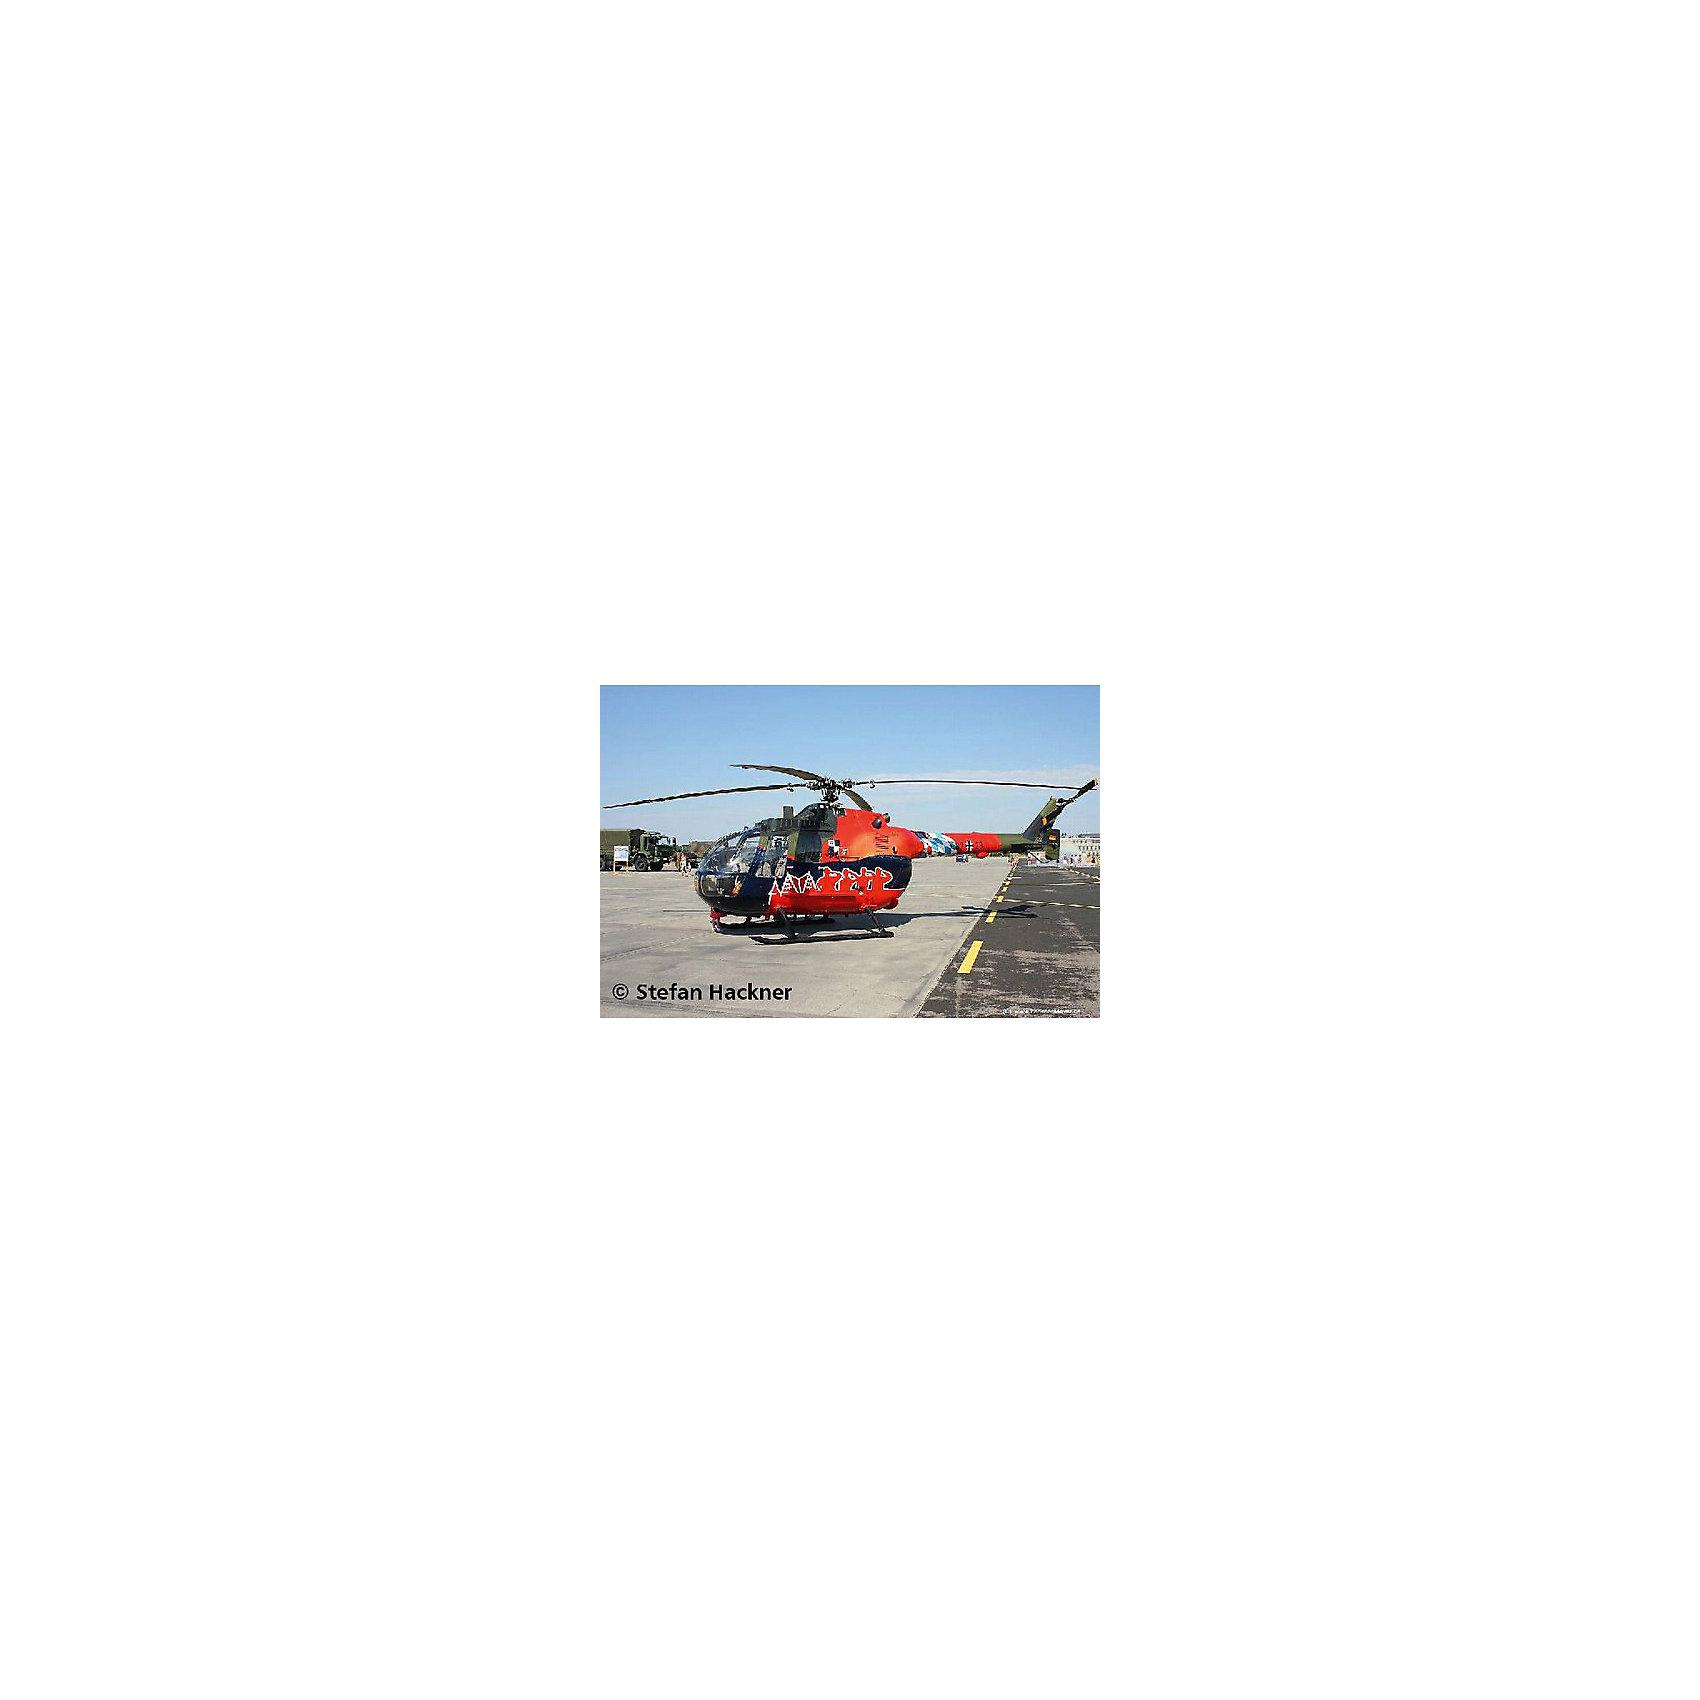 Набор Вертолет Fly Out Paintin, RevellМодели для склеивания<br>Вертолёт BO 105 Fly Out Paintin является наиболее удачной моделью в легком классе. Из-за его манёвренности, вертолёт подходит для многоцелевого использования. В частности, он применялся немецкой армией как связной и разведывательный вертолёт.  Великолепная, тщательно детализированная сборная модель BO 105 Fly Out Paintin является абсолютно точной уменьшенной копией своего прототипа в масштабе 1:32. Всего модель состоит из 84 отдельных компонентов, которые необходимо собрать, склеить и покрыть краской в соответствии с инструкцией в комплекте. В наборе также прилагаются краски с кисточкой и клей в удобной упаковке. Длина готовой модели составляет 267 мм, а размах лопастей несущего винта – 306 мм. Также в наборе есть уникальный набор наклеек для декорирования фюзеляжа.  Разработанная для детей от 10 лет, сборная модель немецкого вертолёта BO 105 Fly Out Paintin, несомненно, порадует взрослых любителей моделирования и коллекционеров военной техники. Моделирование относят к одному из наиболее полезных хобби, ведь оно отлично тренирует мелкую моторику, развивает такие навыки как усидчивость, аккуратность и внимательность. Кроме того, развивается пространственное мышление, логика и креативность.<br><br>Набор Вертолет Fly Out Paintin, Revell можно купить в нашем магазине.<br><br>Ширина мм: 390<br>Глубина мм: 340<br>Высота мм: 62<br>Вес г: 695<br>Возраст от месяцев: 120<br>Возраст до месяцев: 180<br>Пол: Мужской<br>Возраст: Детский<br>SKU: 4560889